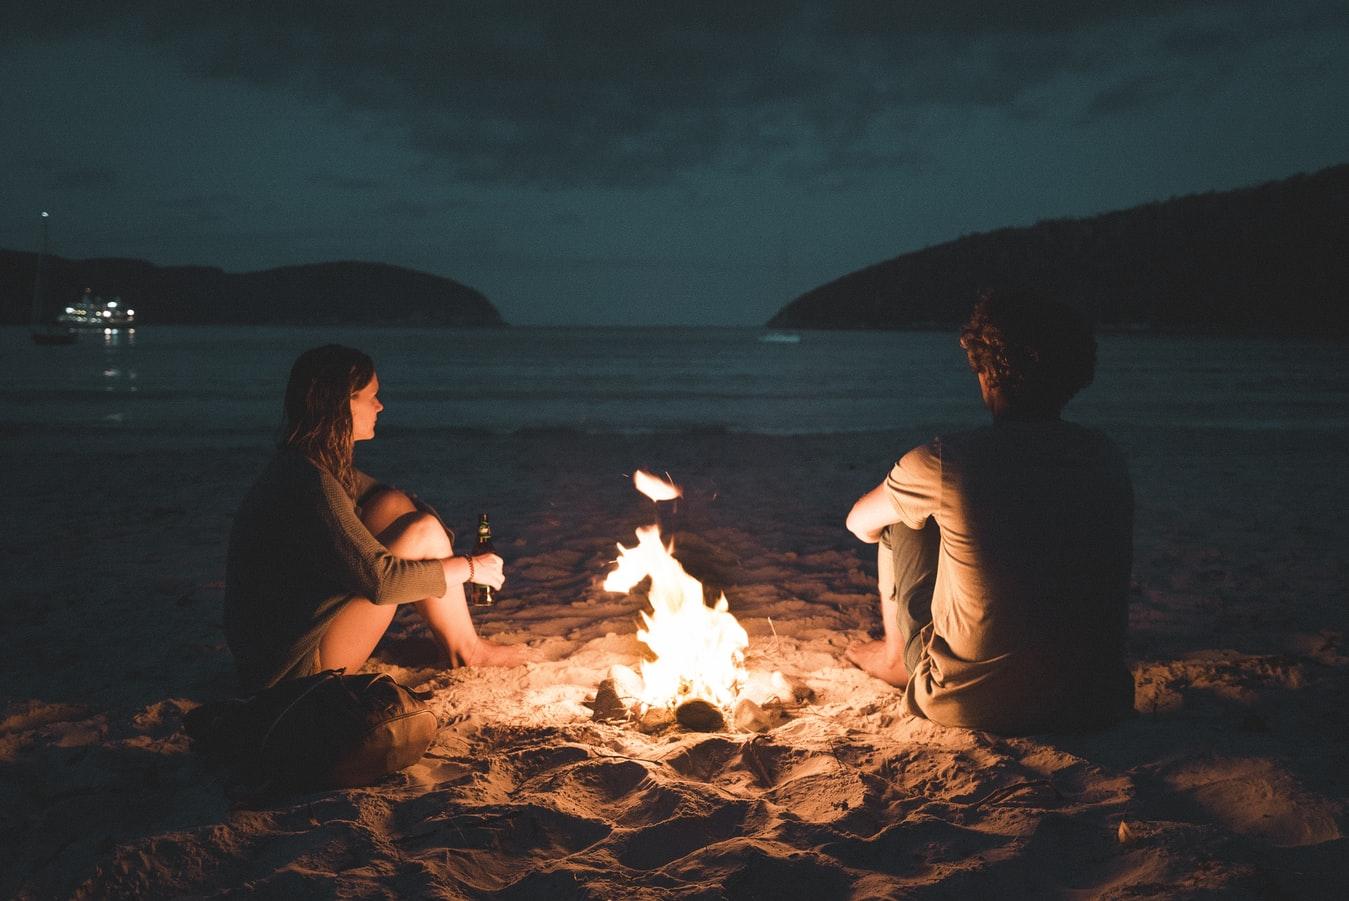 Quelle liberté devriez-vous prendre dans une relation ?